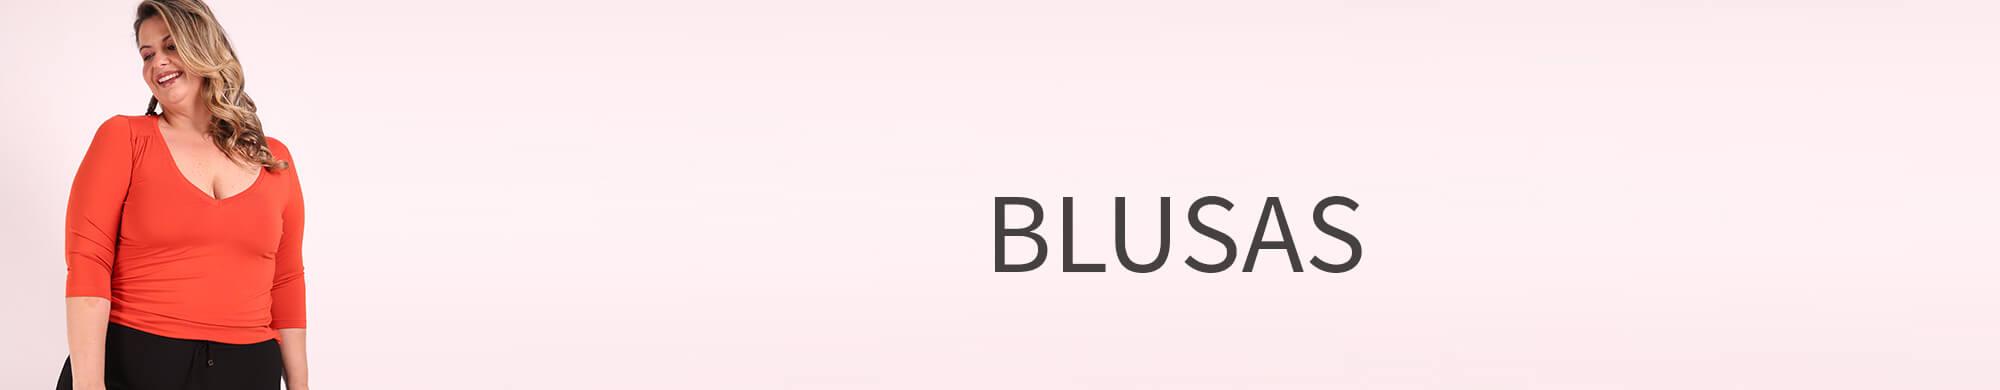 Banner-blusas